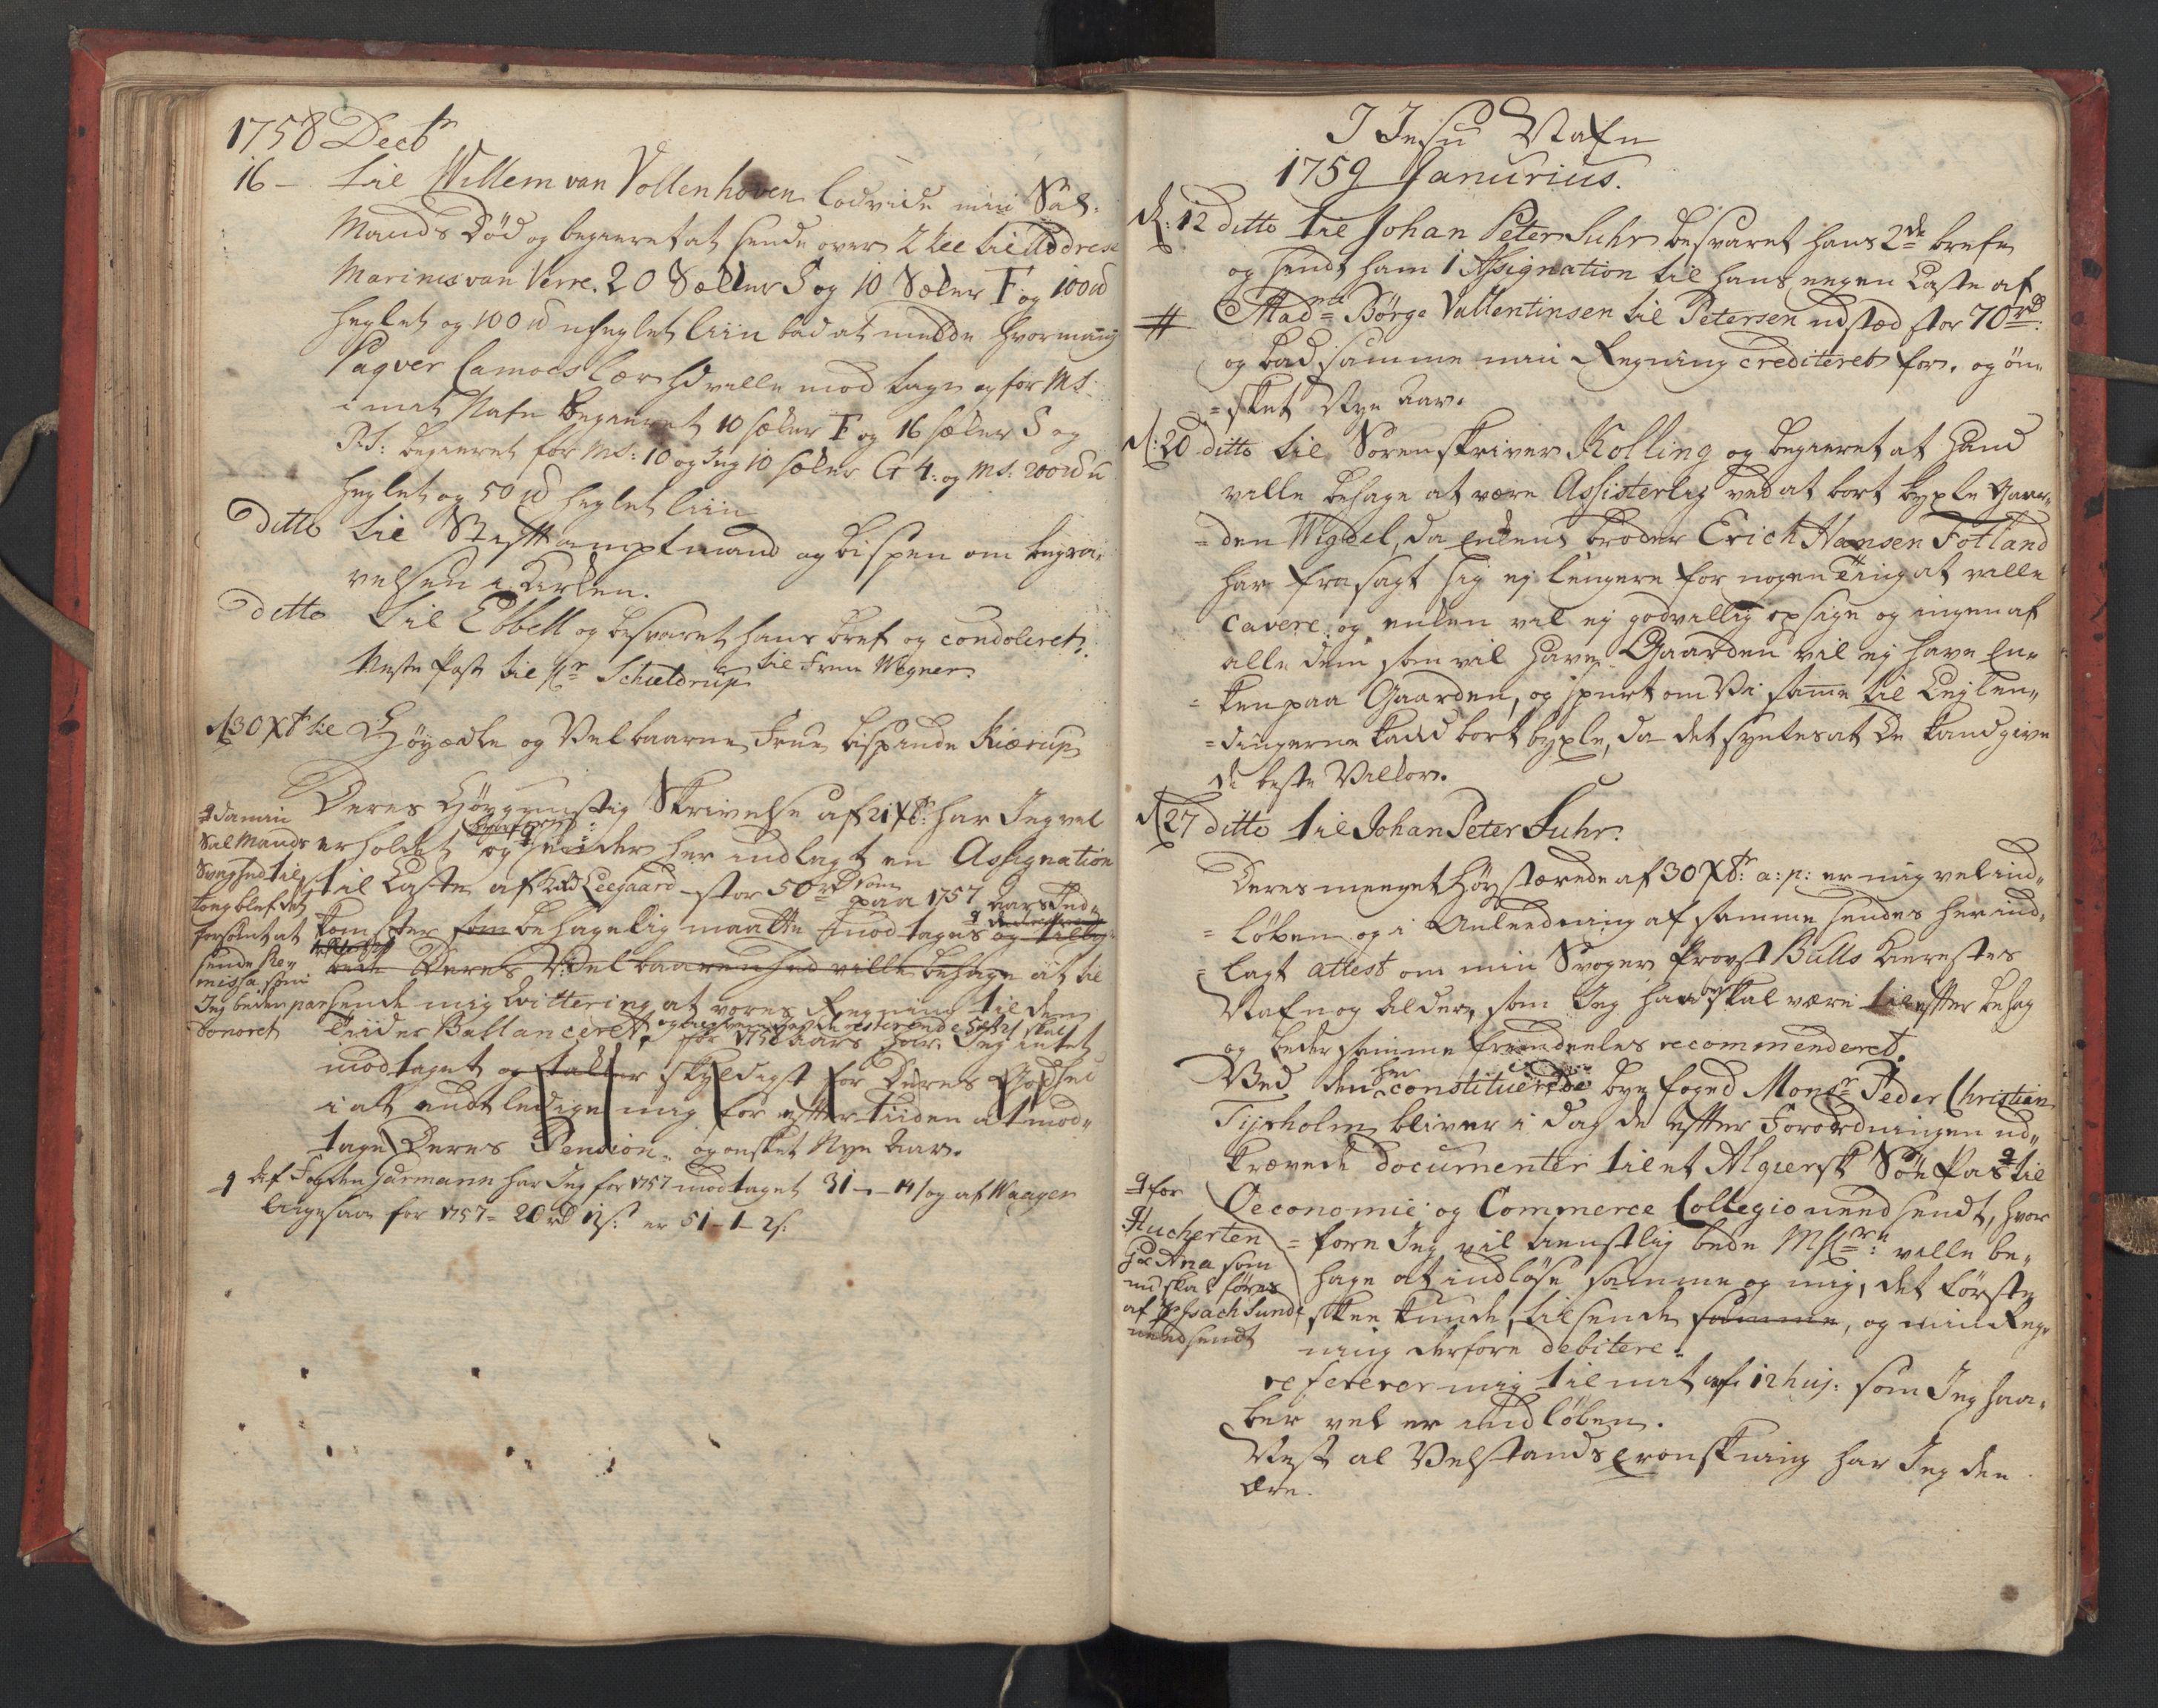 SAST, Pa 0119 - Smith, Lauritz Andersen og Lauritz Lauritzen, O/L0002: Kopibok, 1755-1766, s. 75